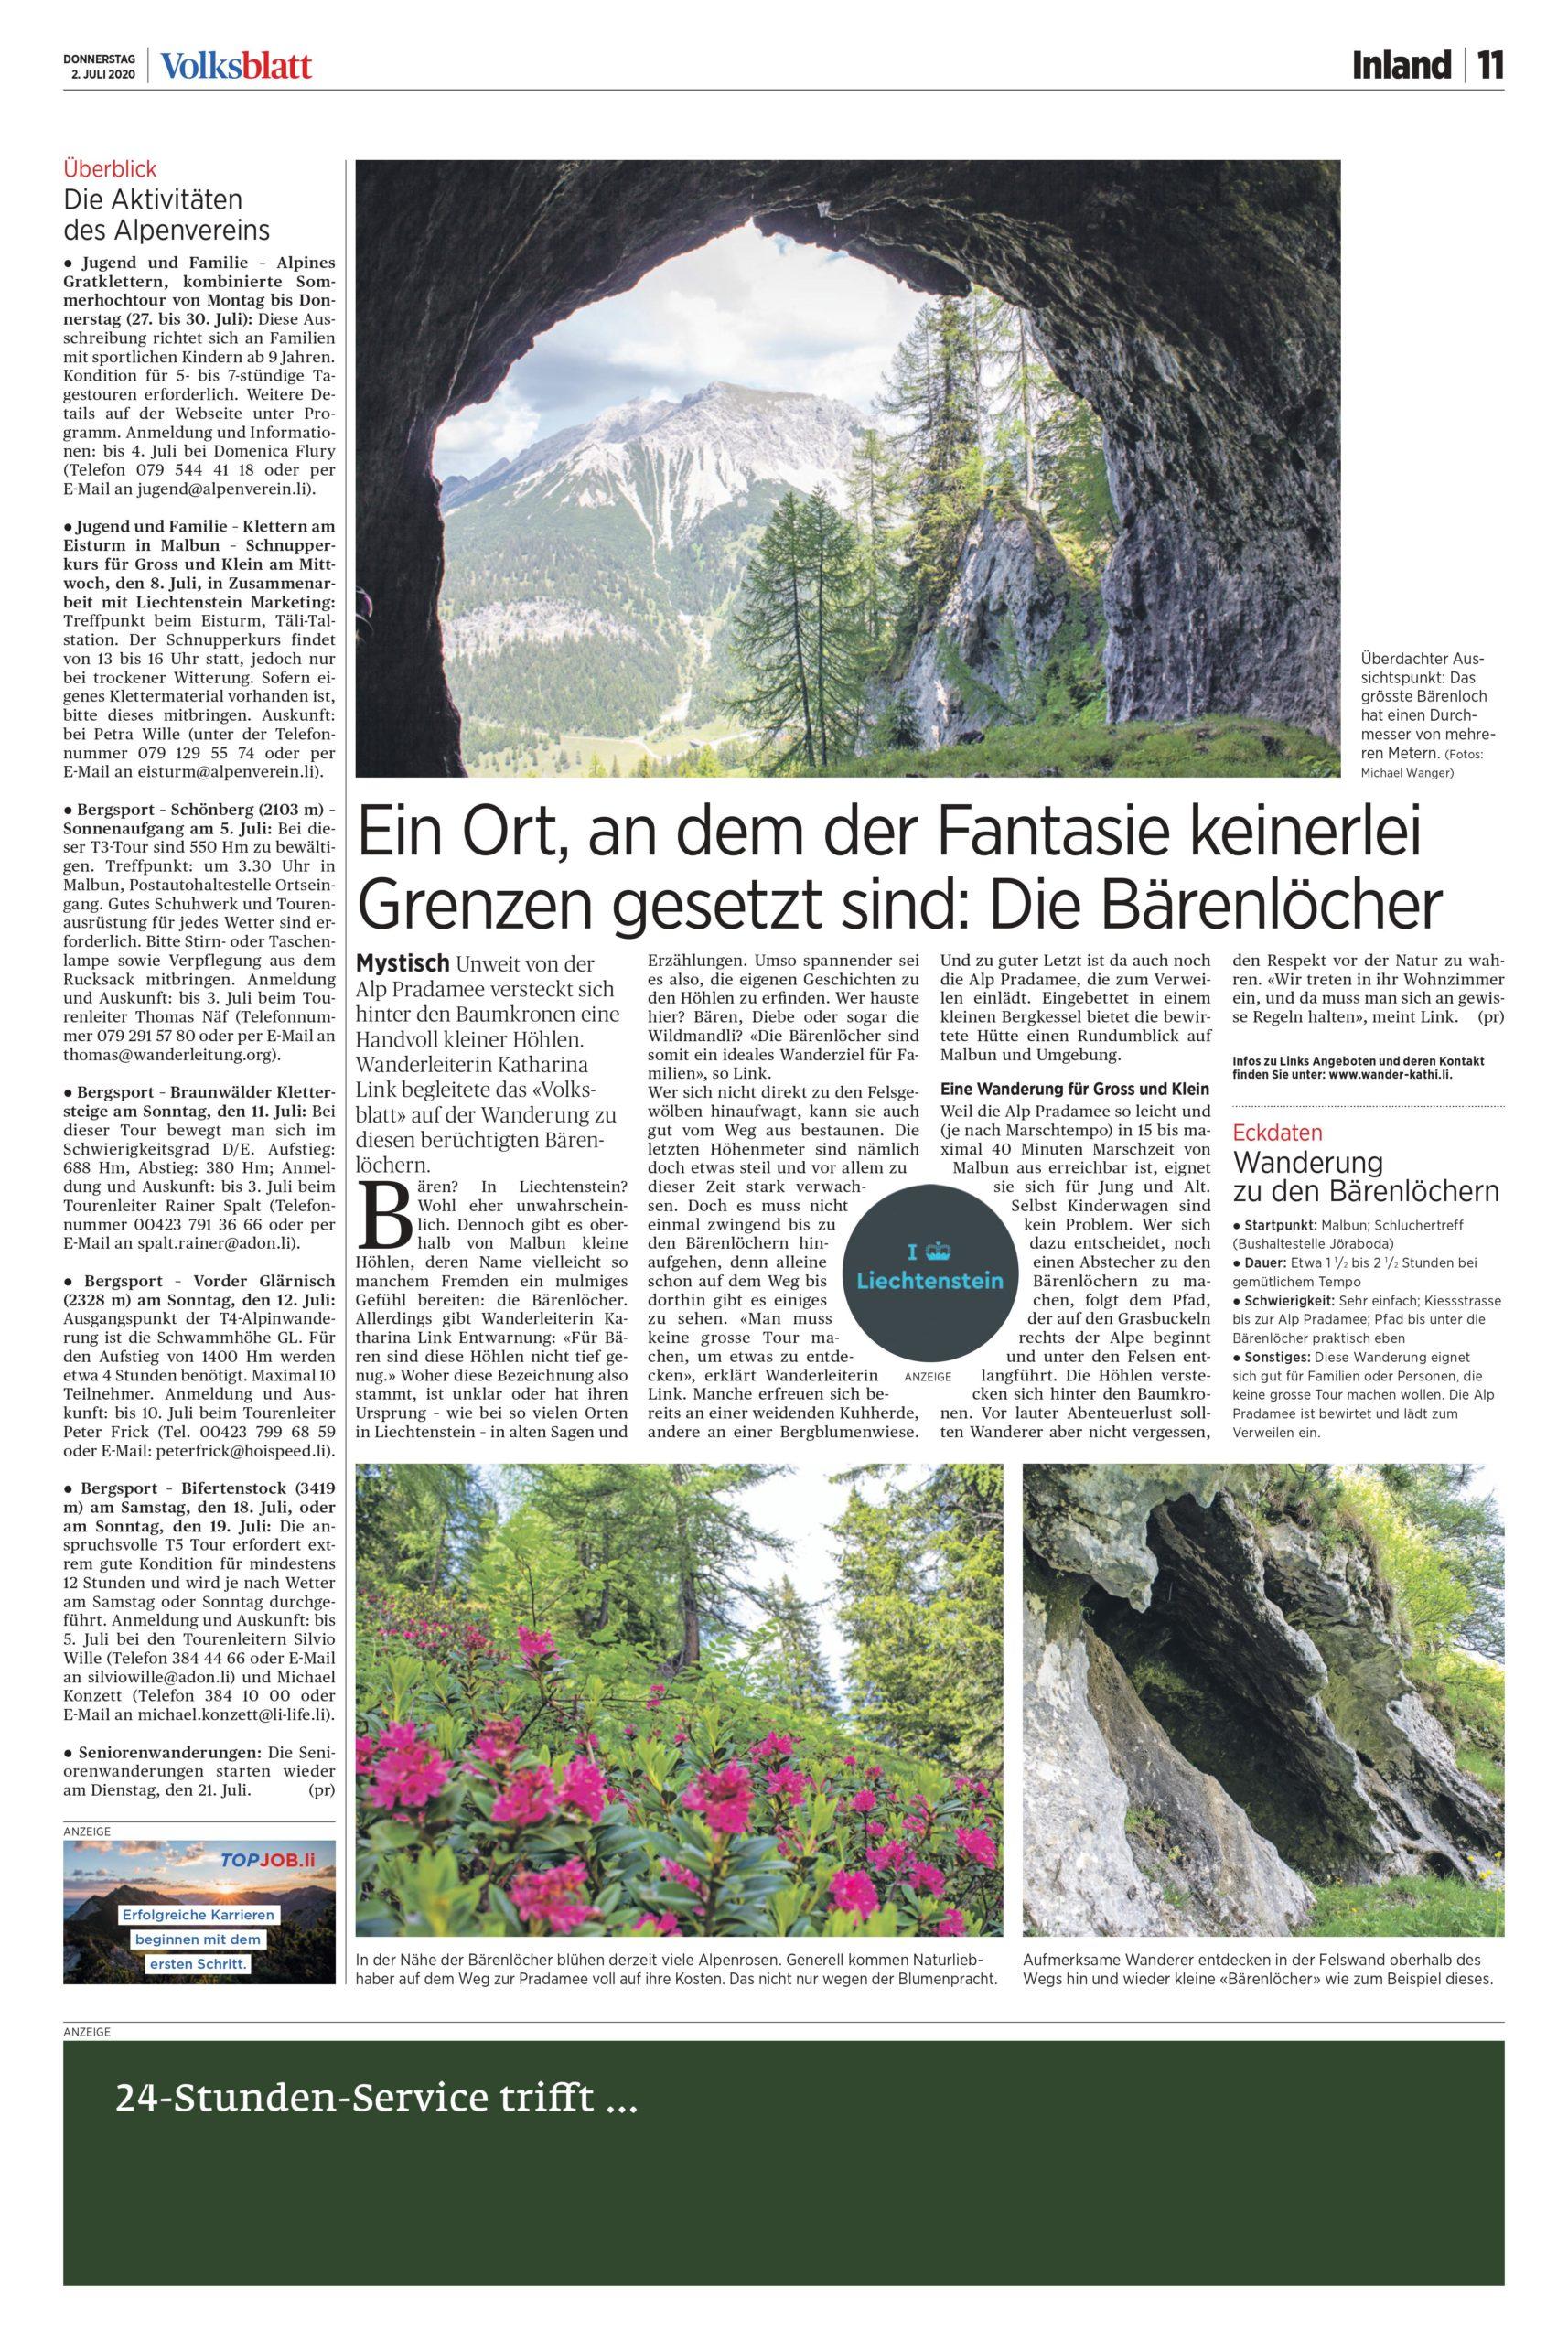 wander-kathi-volksblatt-liechtenstein-wandern_001